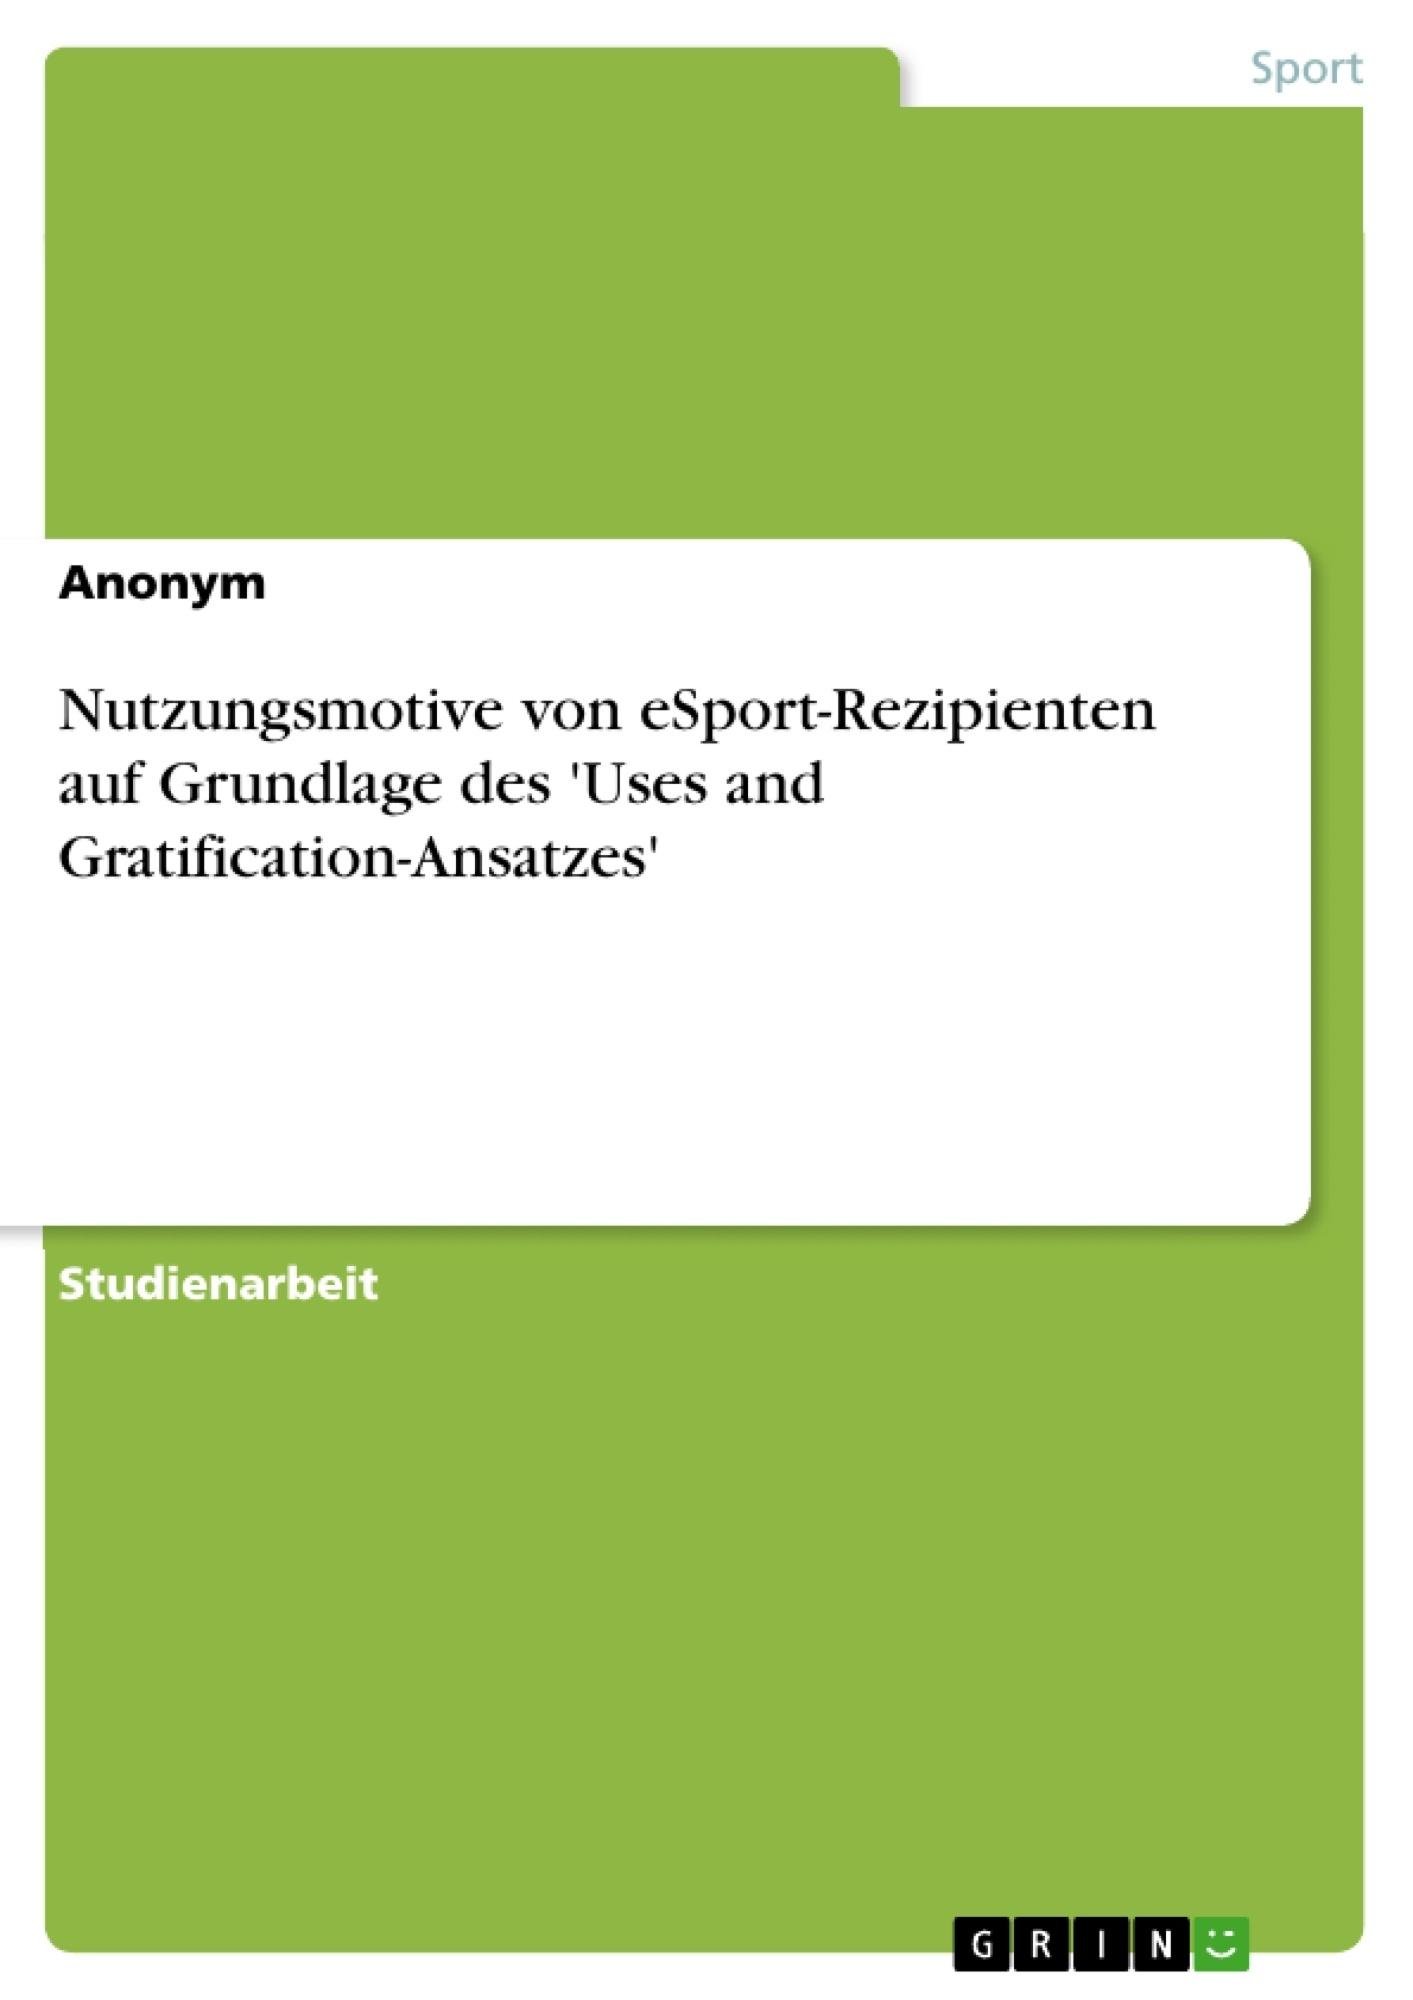 Titel: Nutzungsmotive von eSport-Rezipienten auf Grundlage des 'Uses and Gratification-Ansatzes'